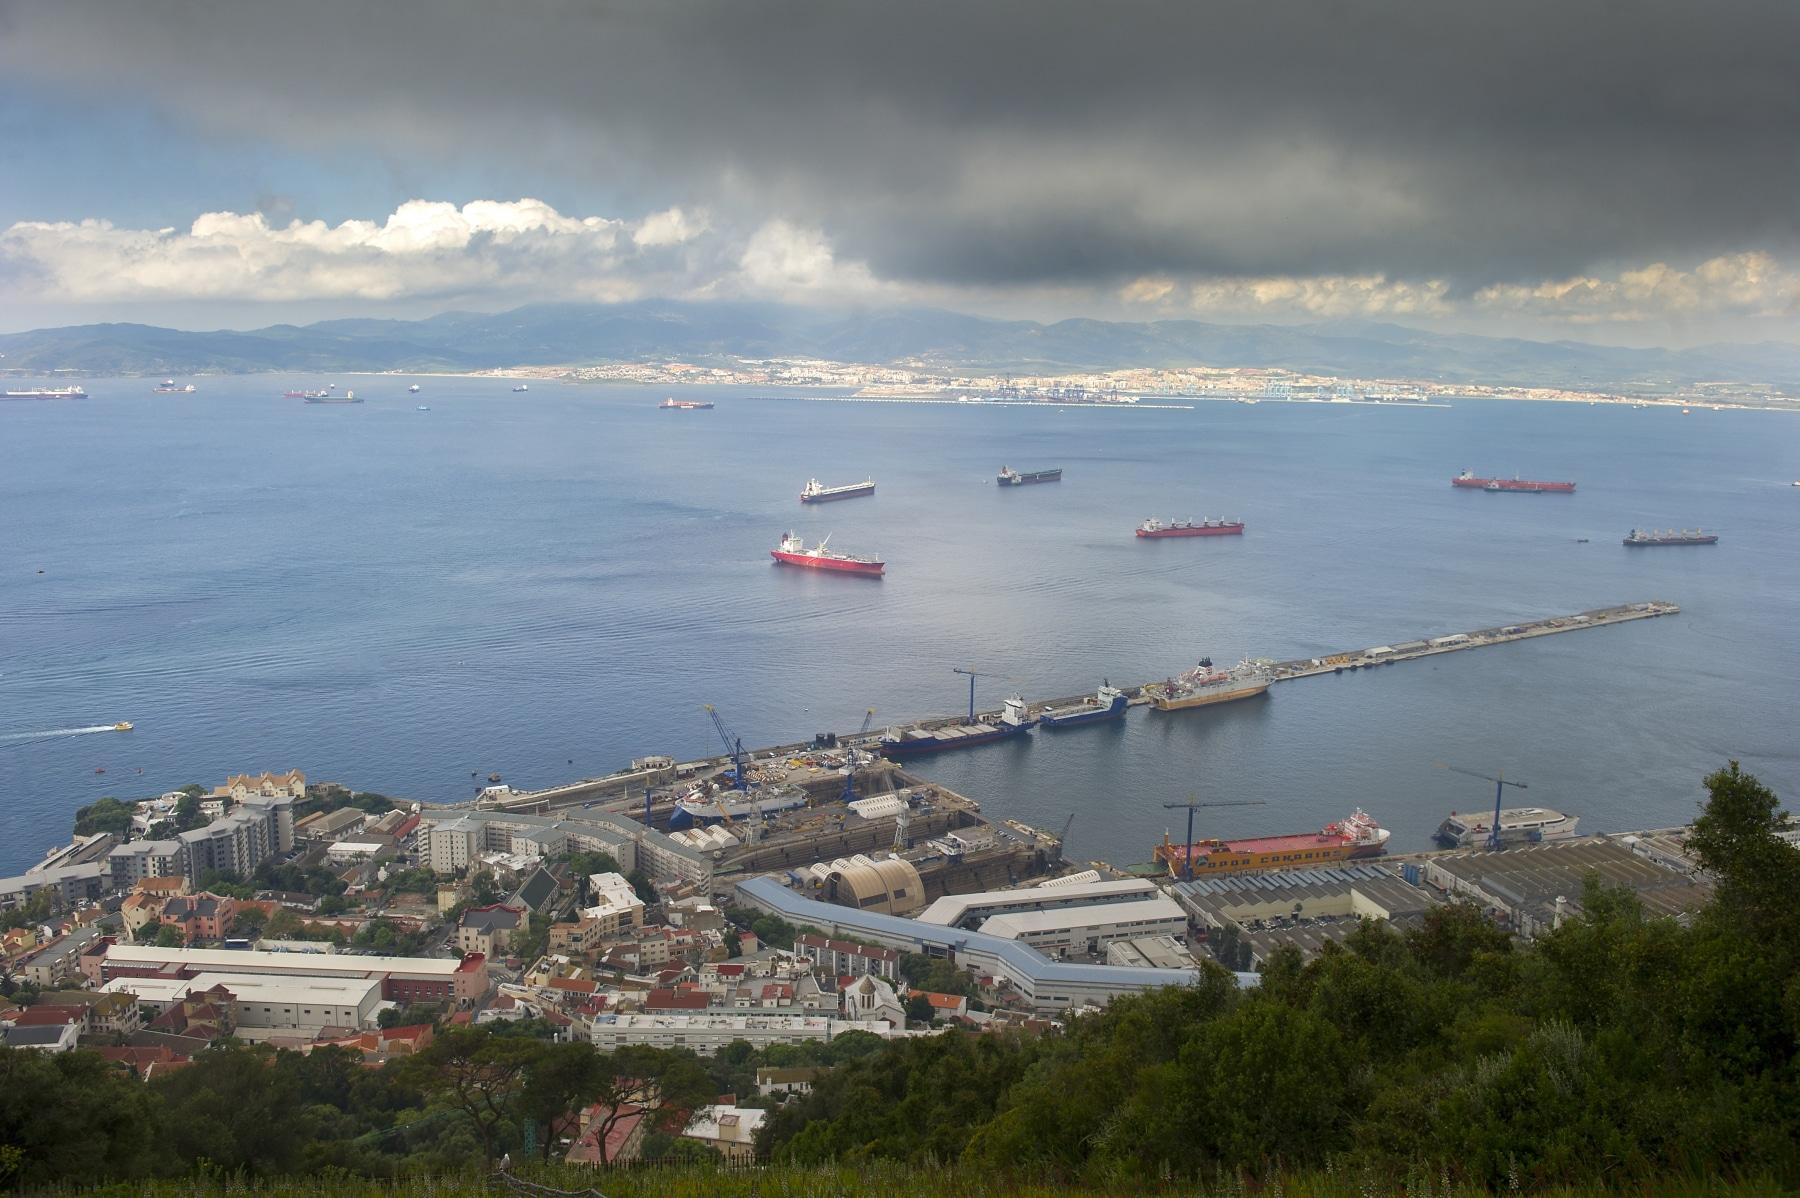 paisajes-la-bahia-gibraltar-04_9222268221_o